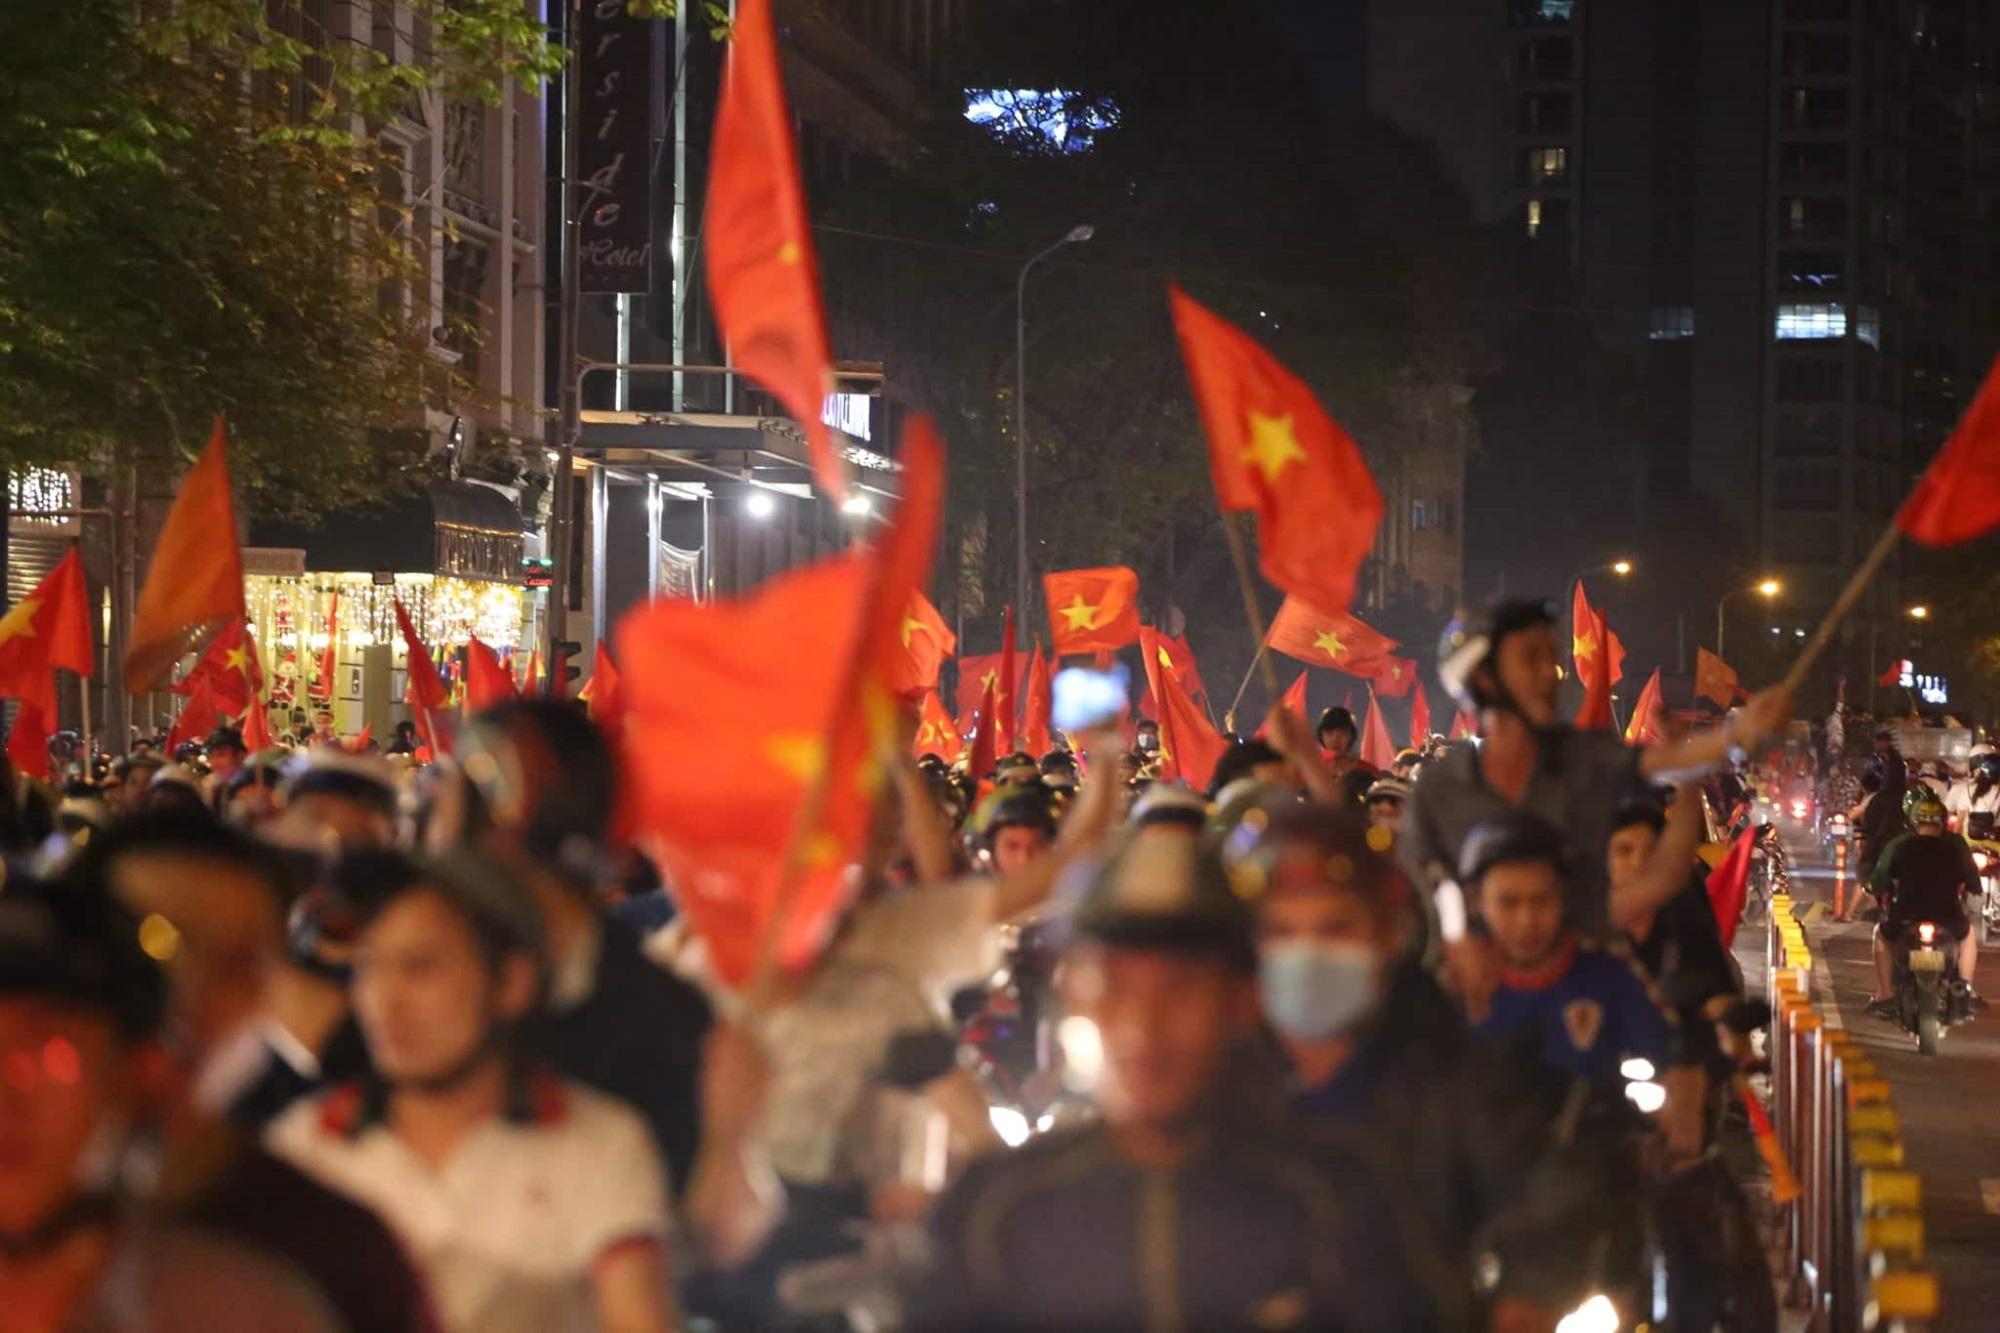 Pháo sáng, cờ hoa rực rỡ Sài Gòn khi triệu người xuống đường ăn mừng Việt Nam vào chung kết AFF Cup 2018 - Ảnh 15